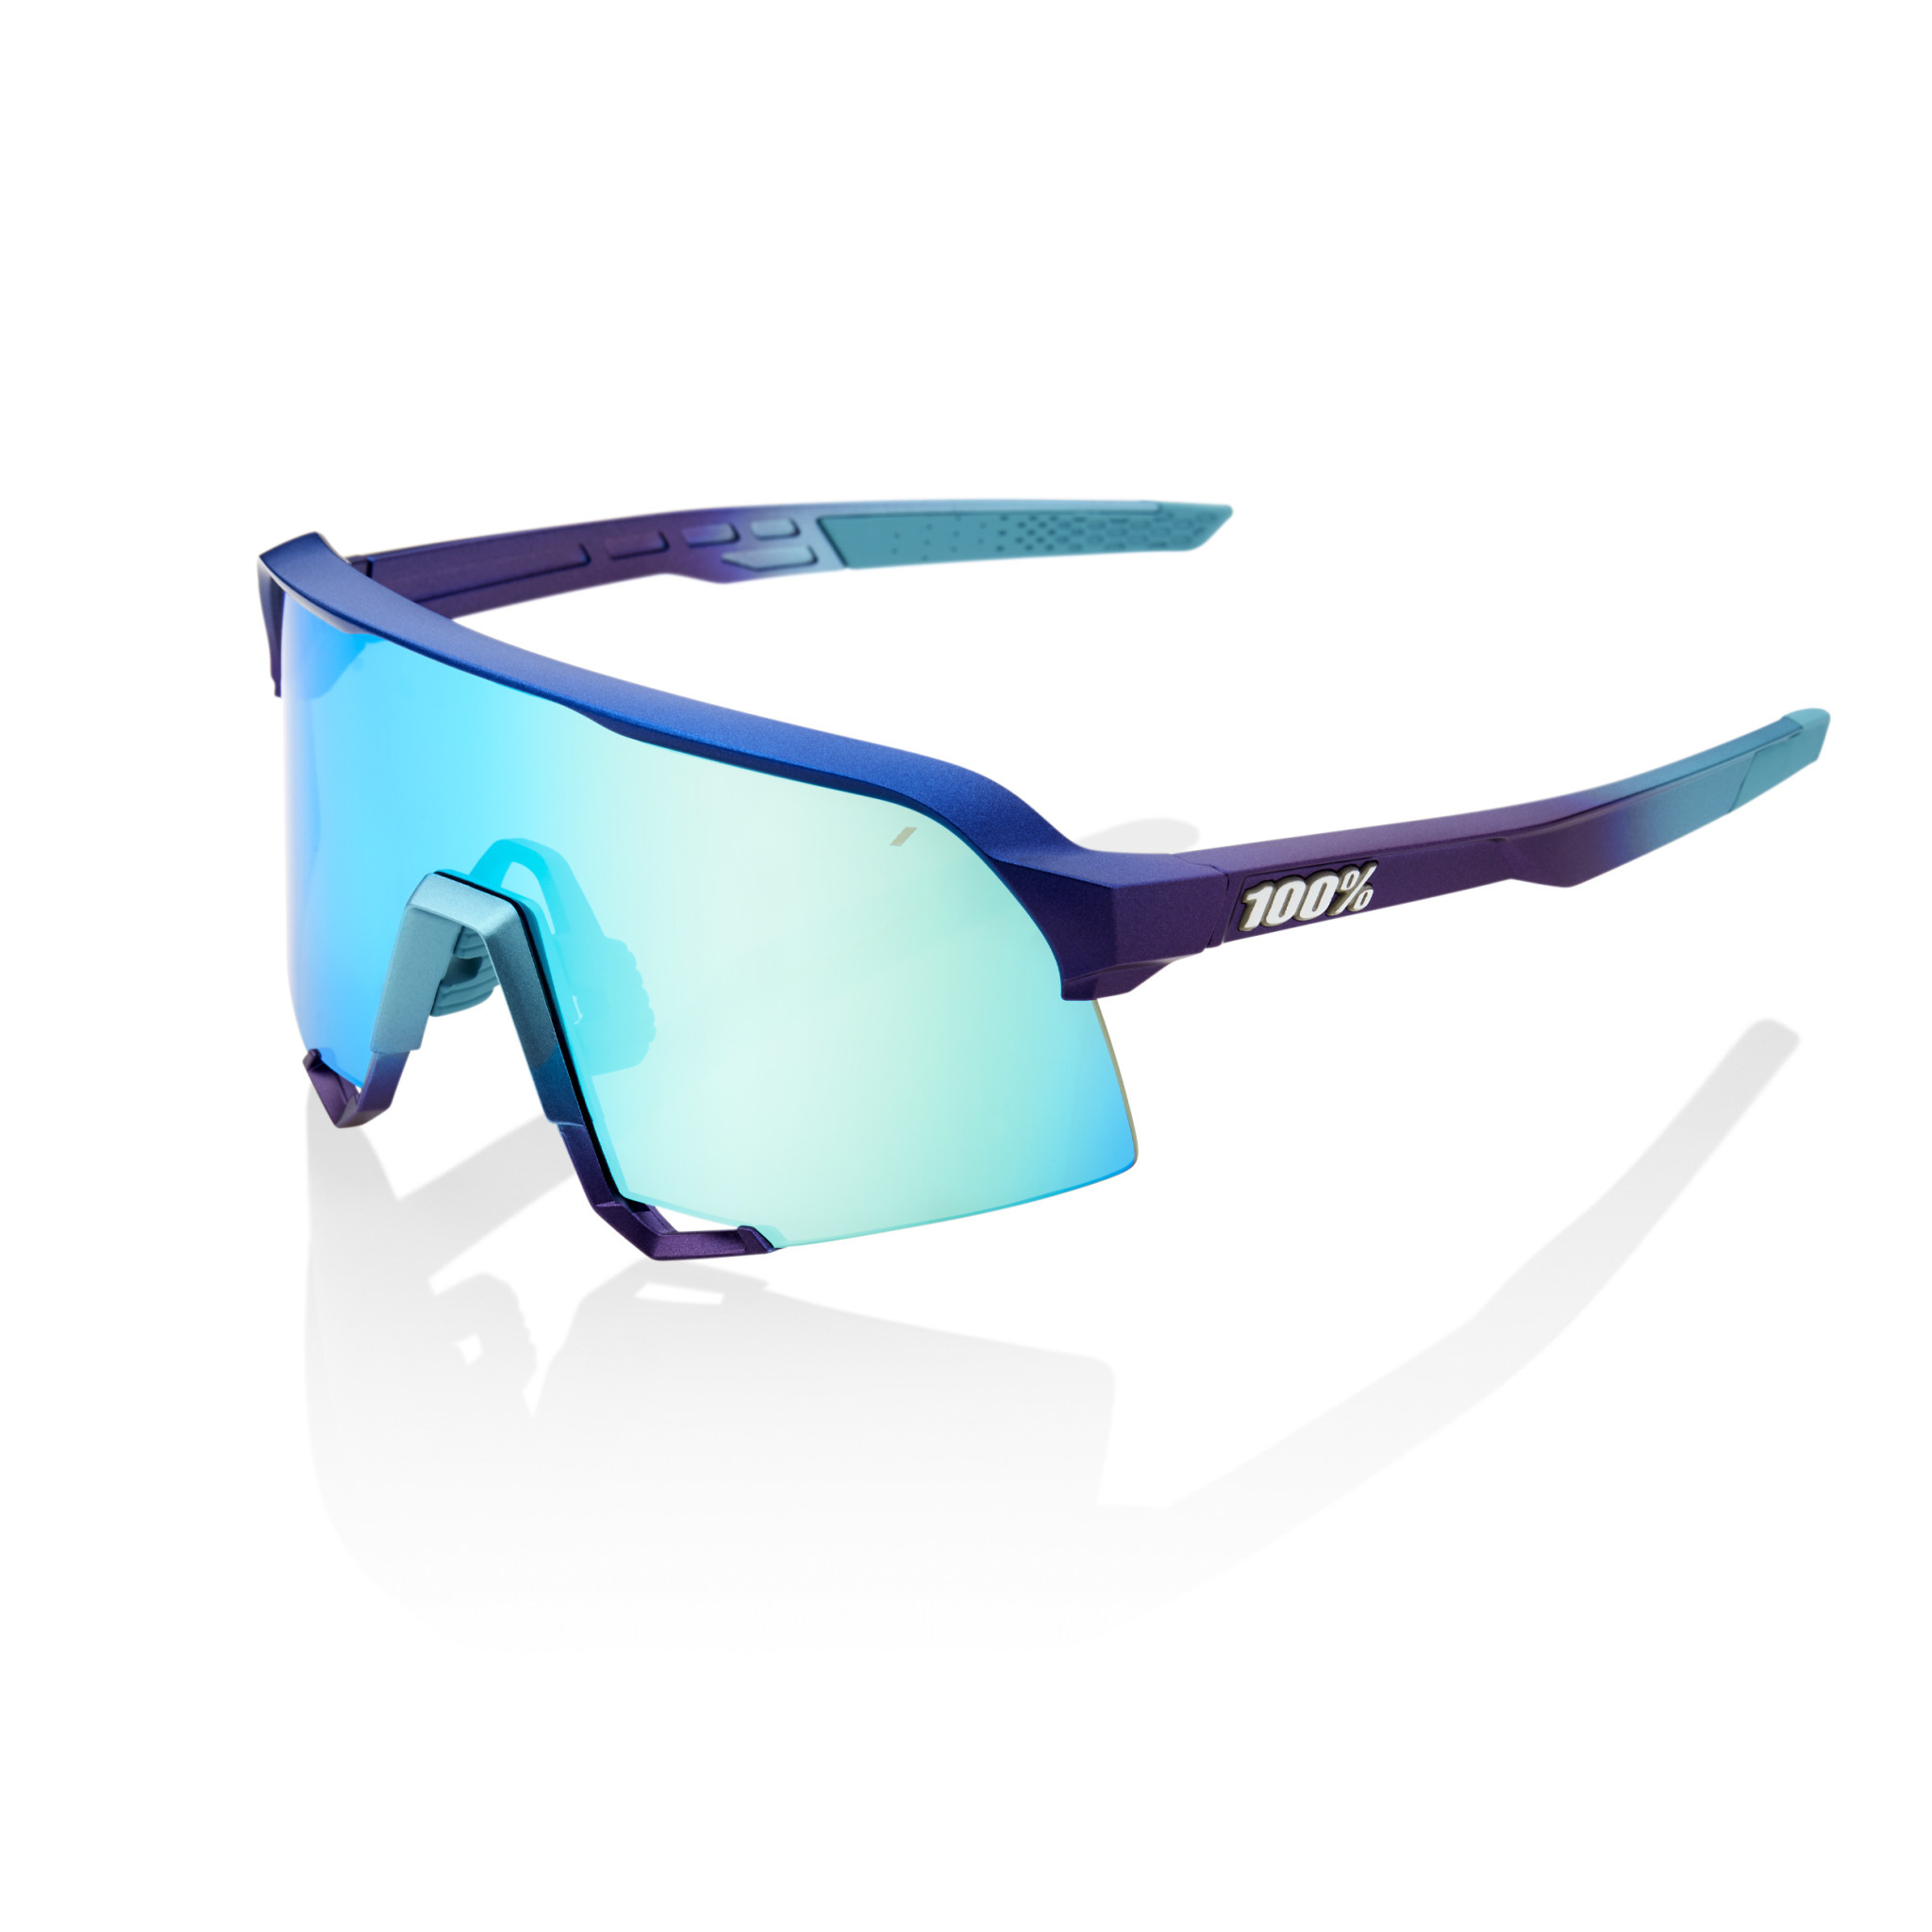 100% S3 Matt Metallic Blue Lens-1